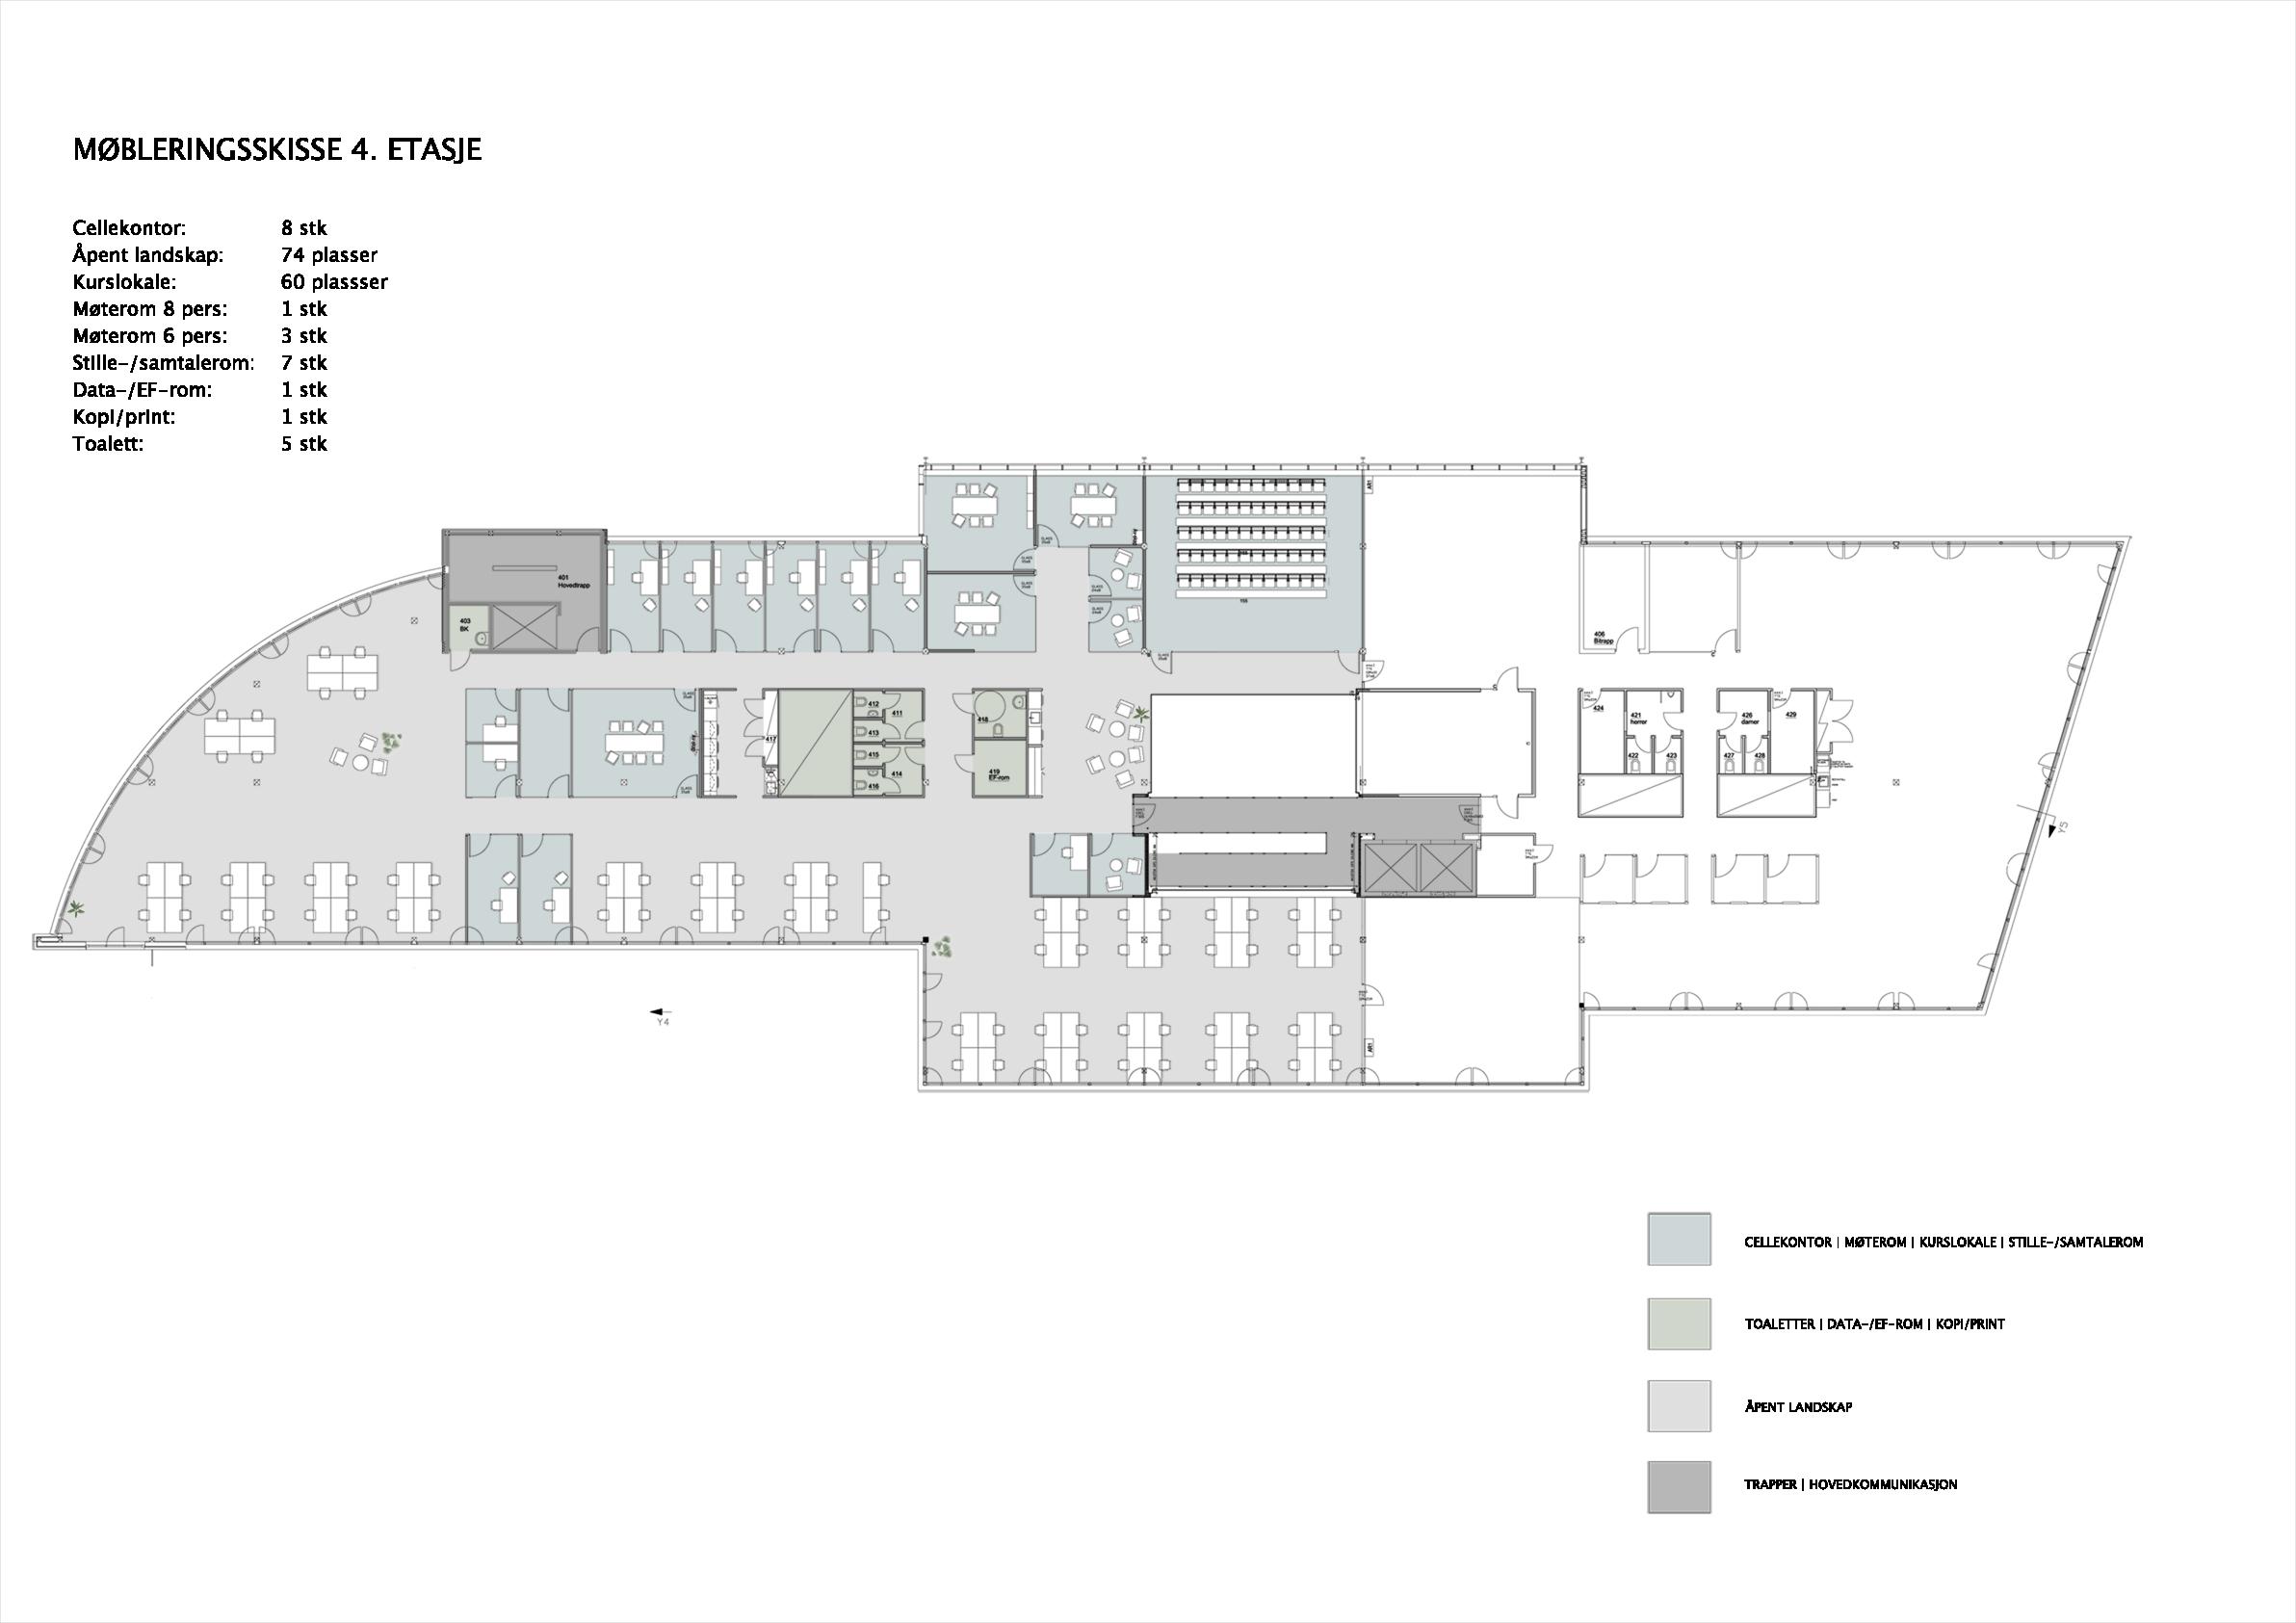 Møbleringsskisse 4 etasje soneinndeling.png